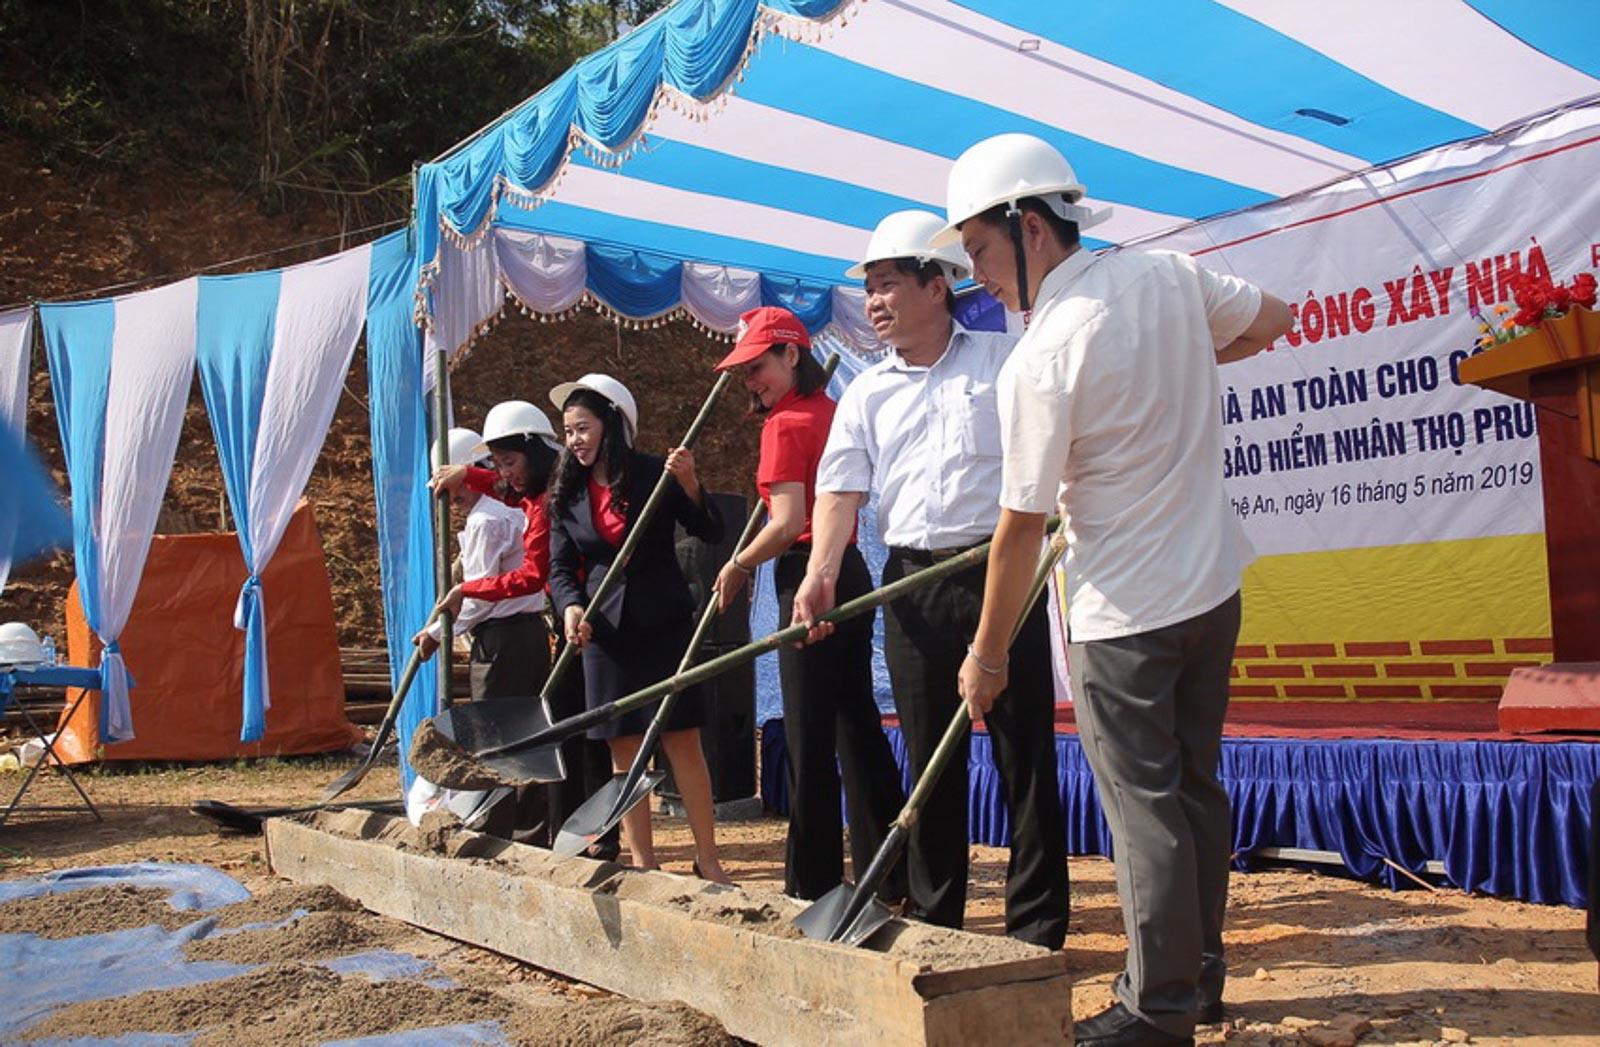 Prudential xây dựng nhà an toàn cho người dân vùng bão lũ 1